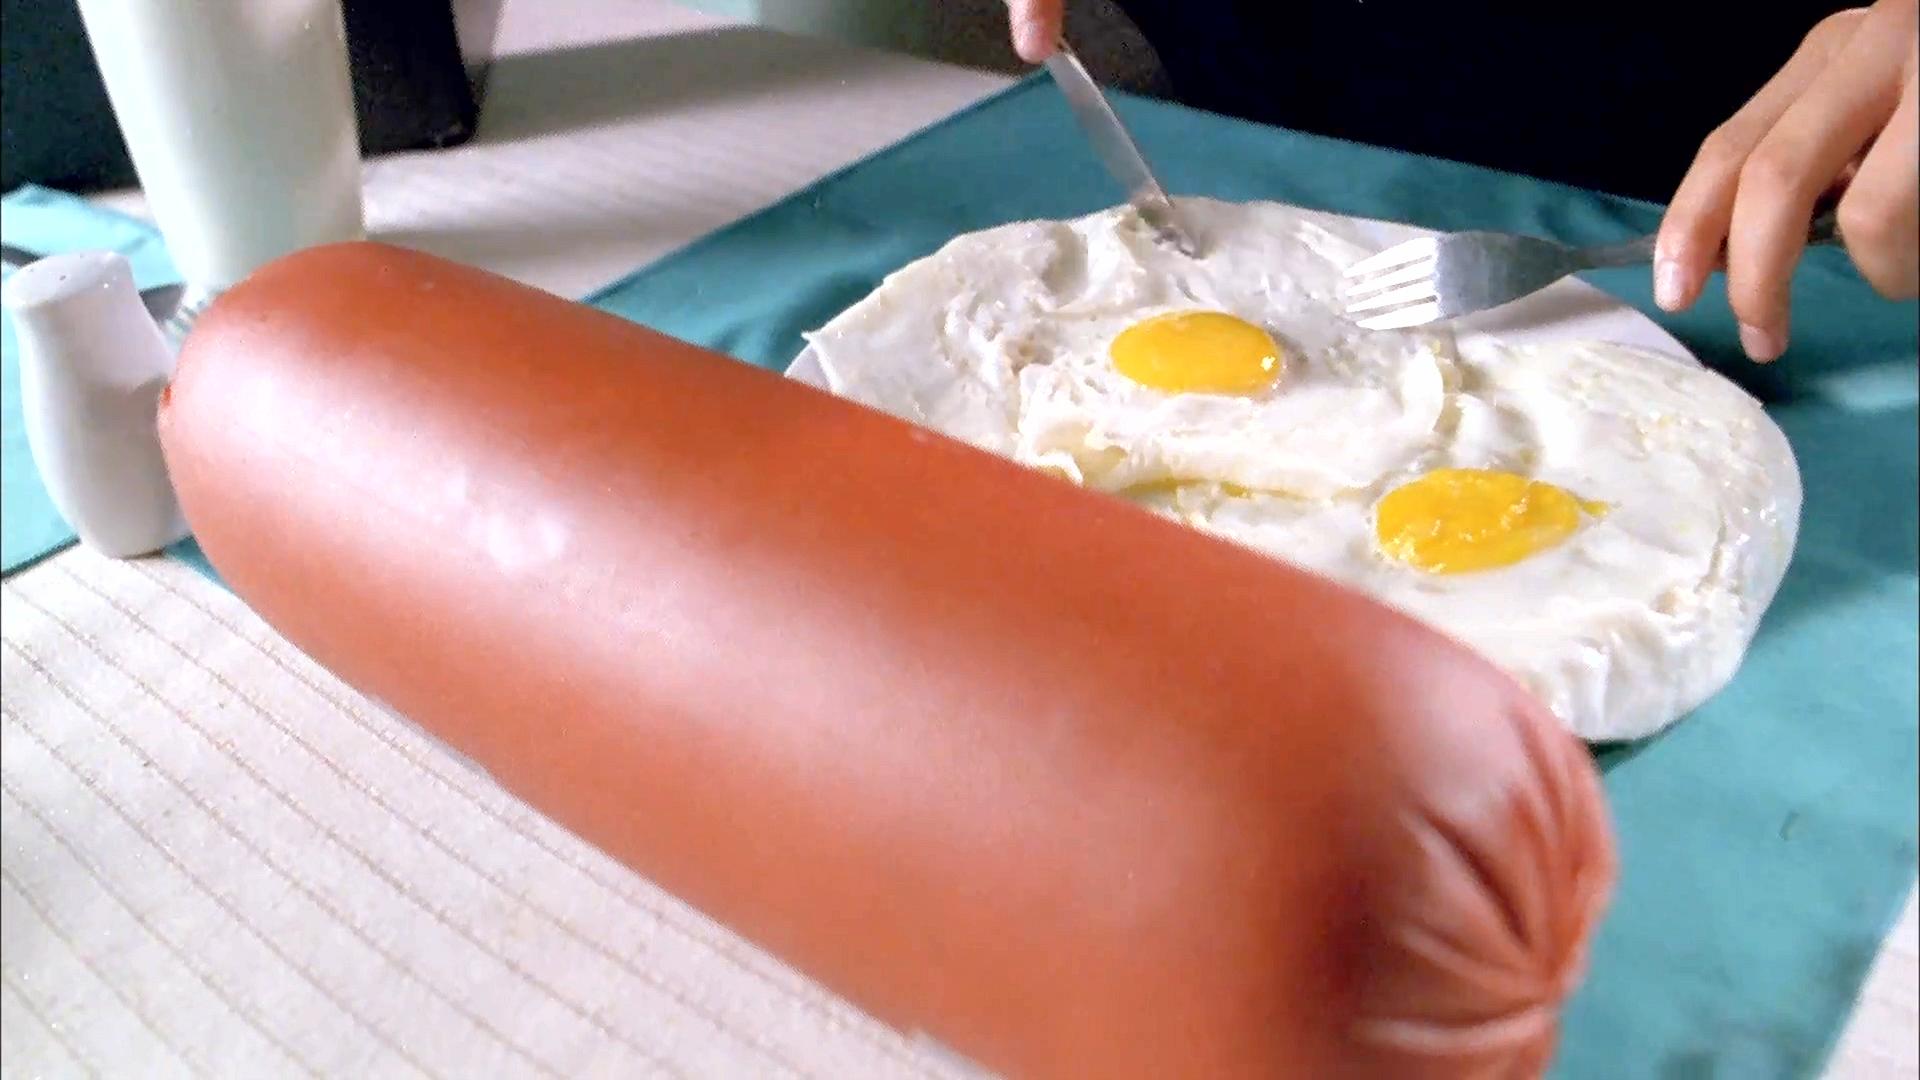 奇幻片:男子拥有神奇放大镜,香肠被放大镜一照,变得比大腿还粗